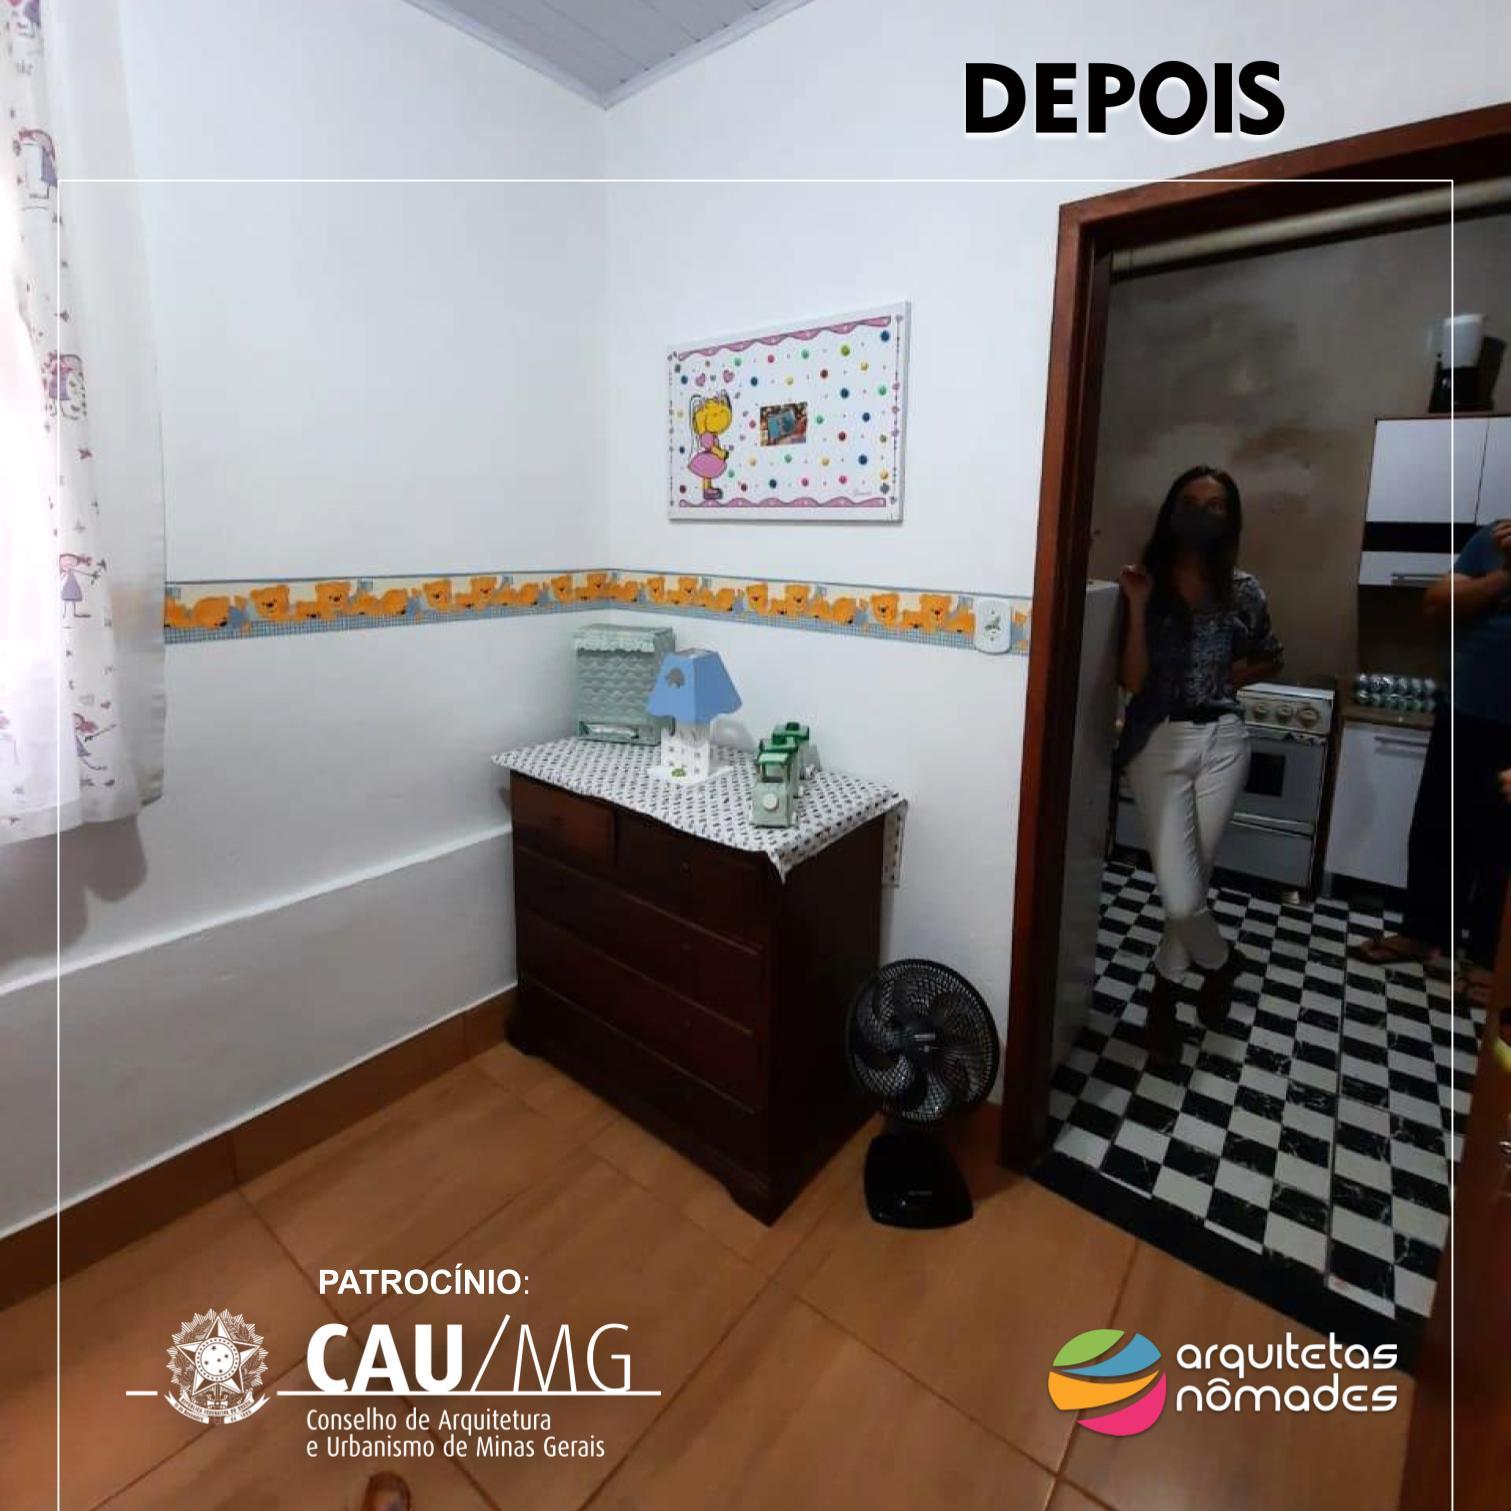 DEPOIS2 – jeicman